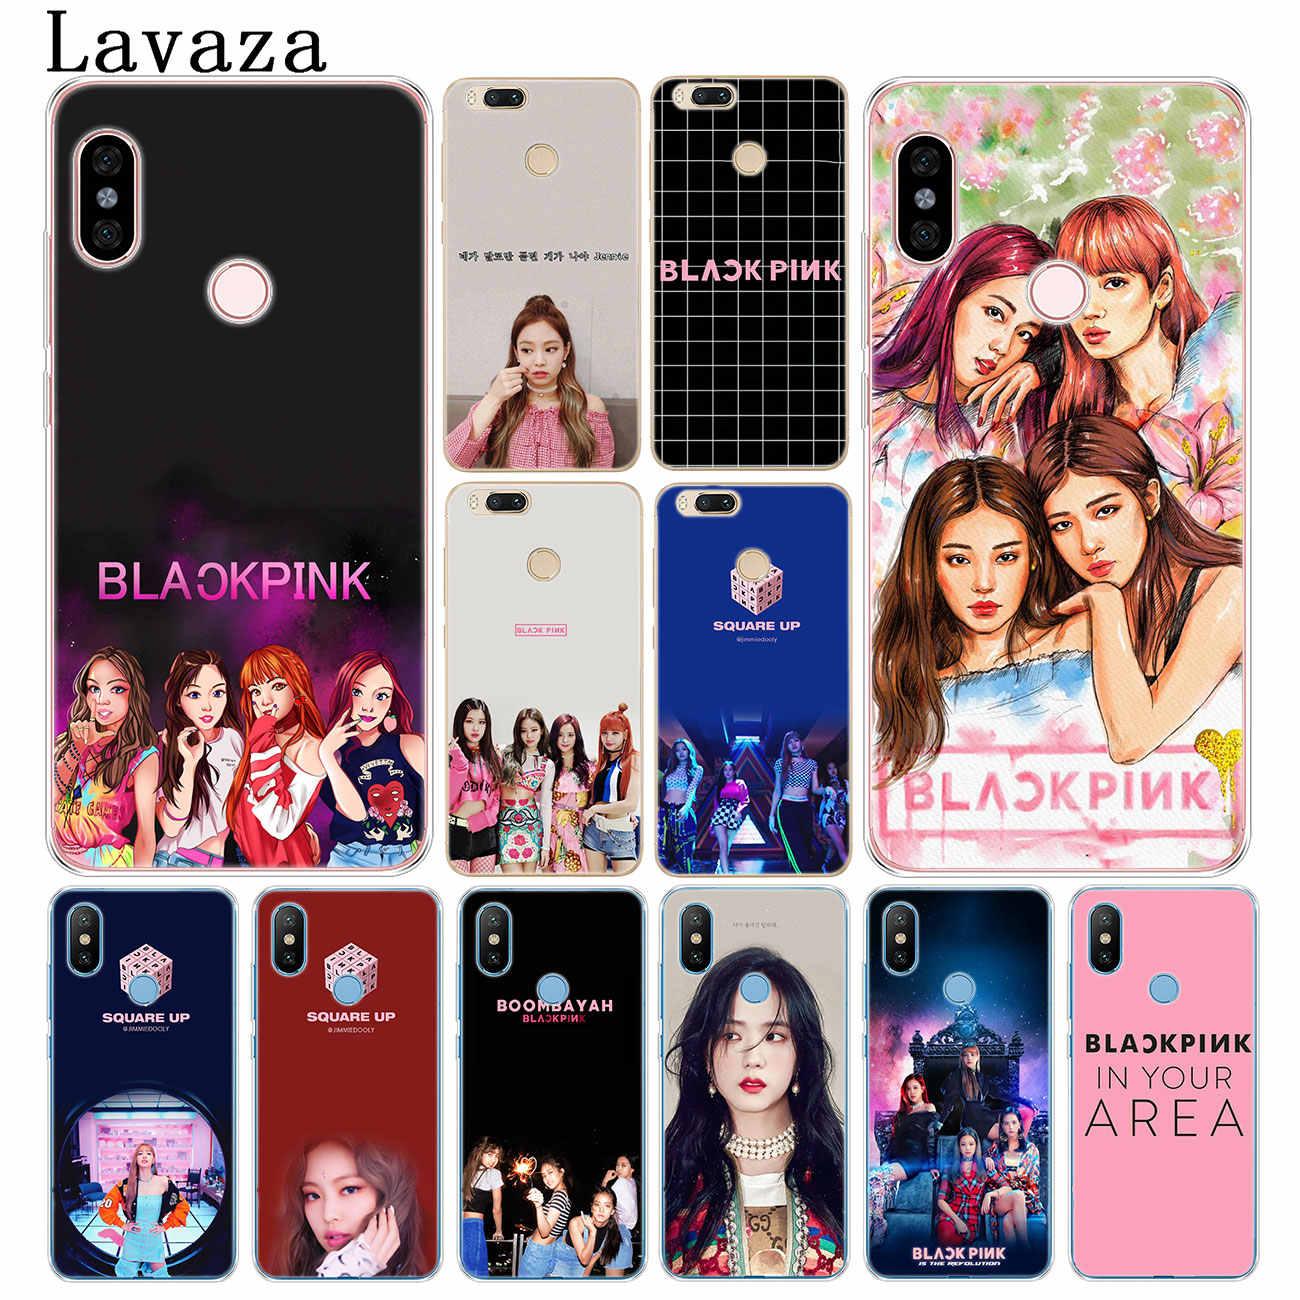 Lavazza BLACKPINK czarny różowy muzyki twarde etui na telefon xiaomi Redmi K20 Pro 8A 7A 5A 6A uwaga 8 8T 7 5 4 4X6 Pro pokrywa